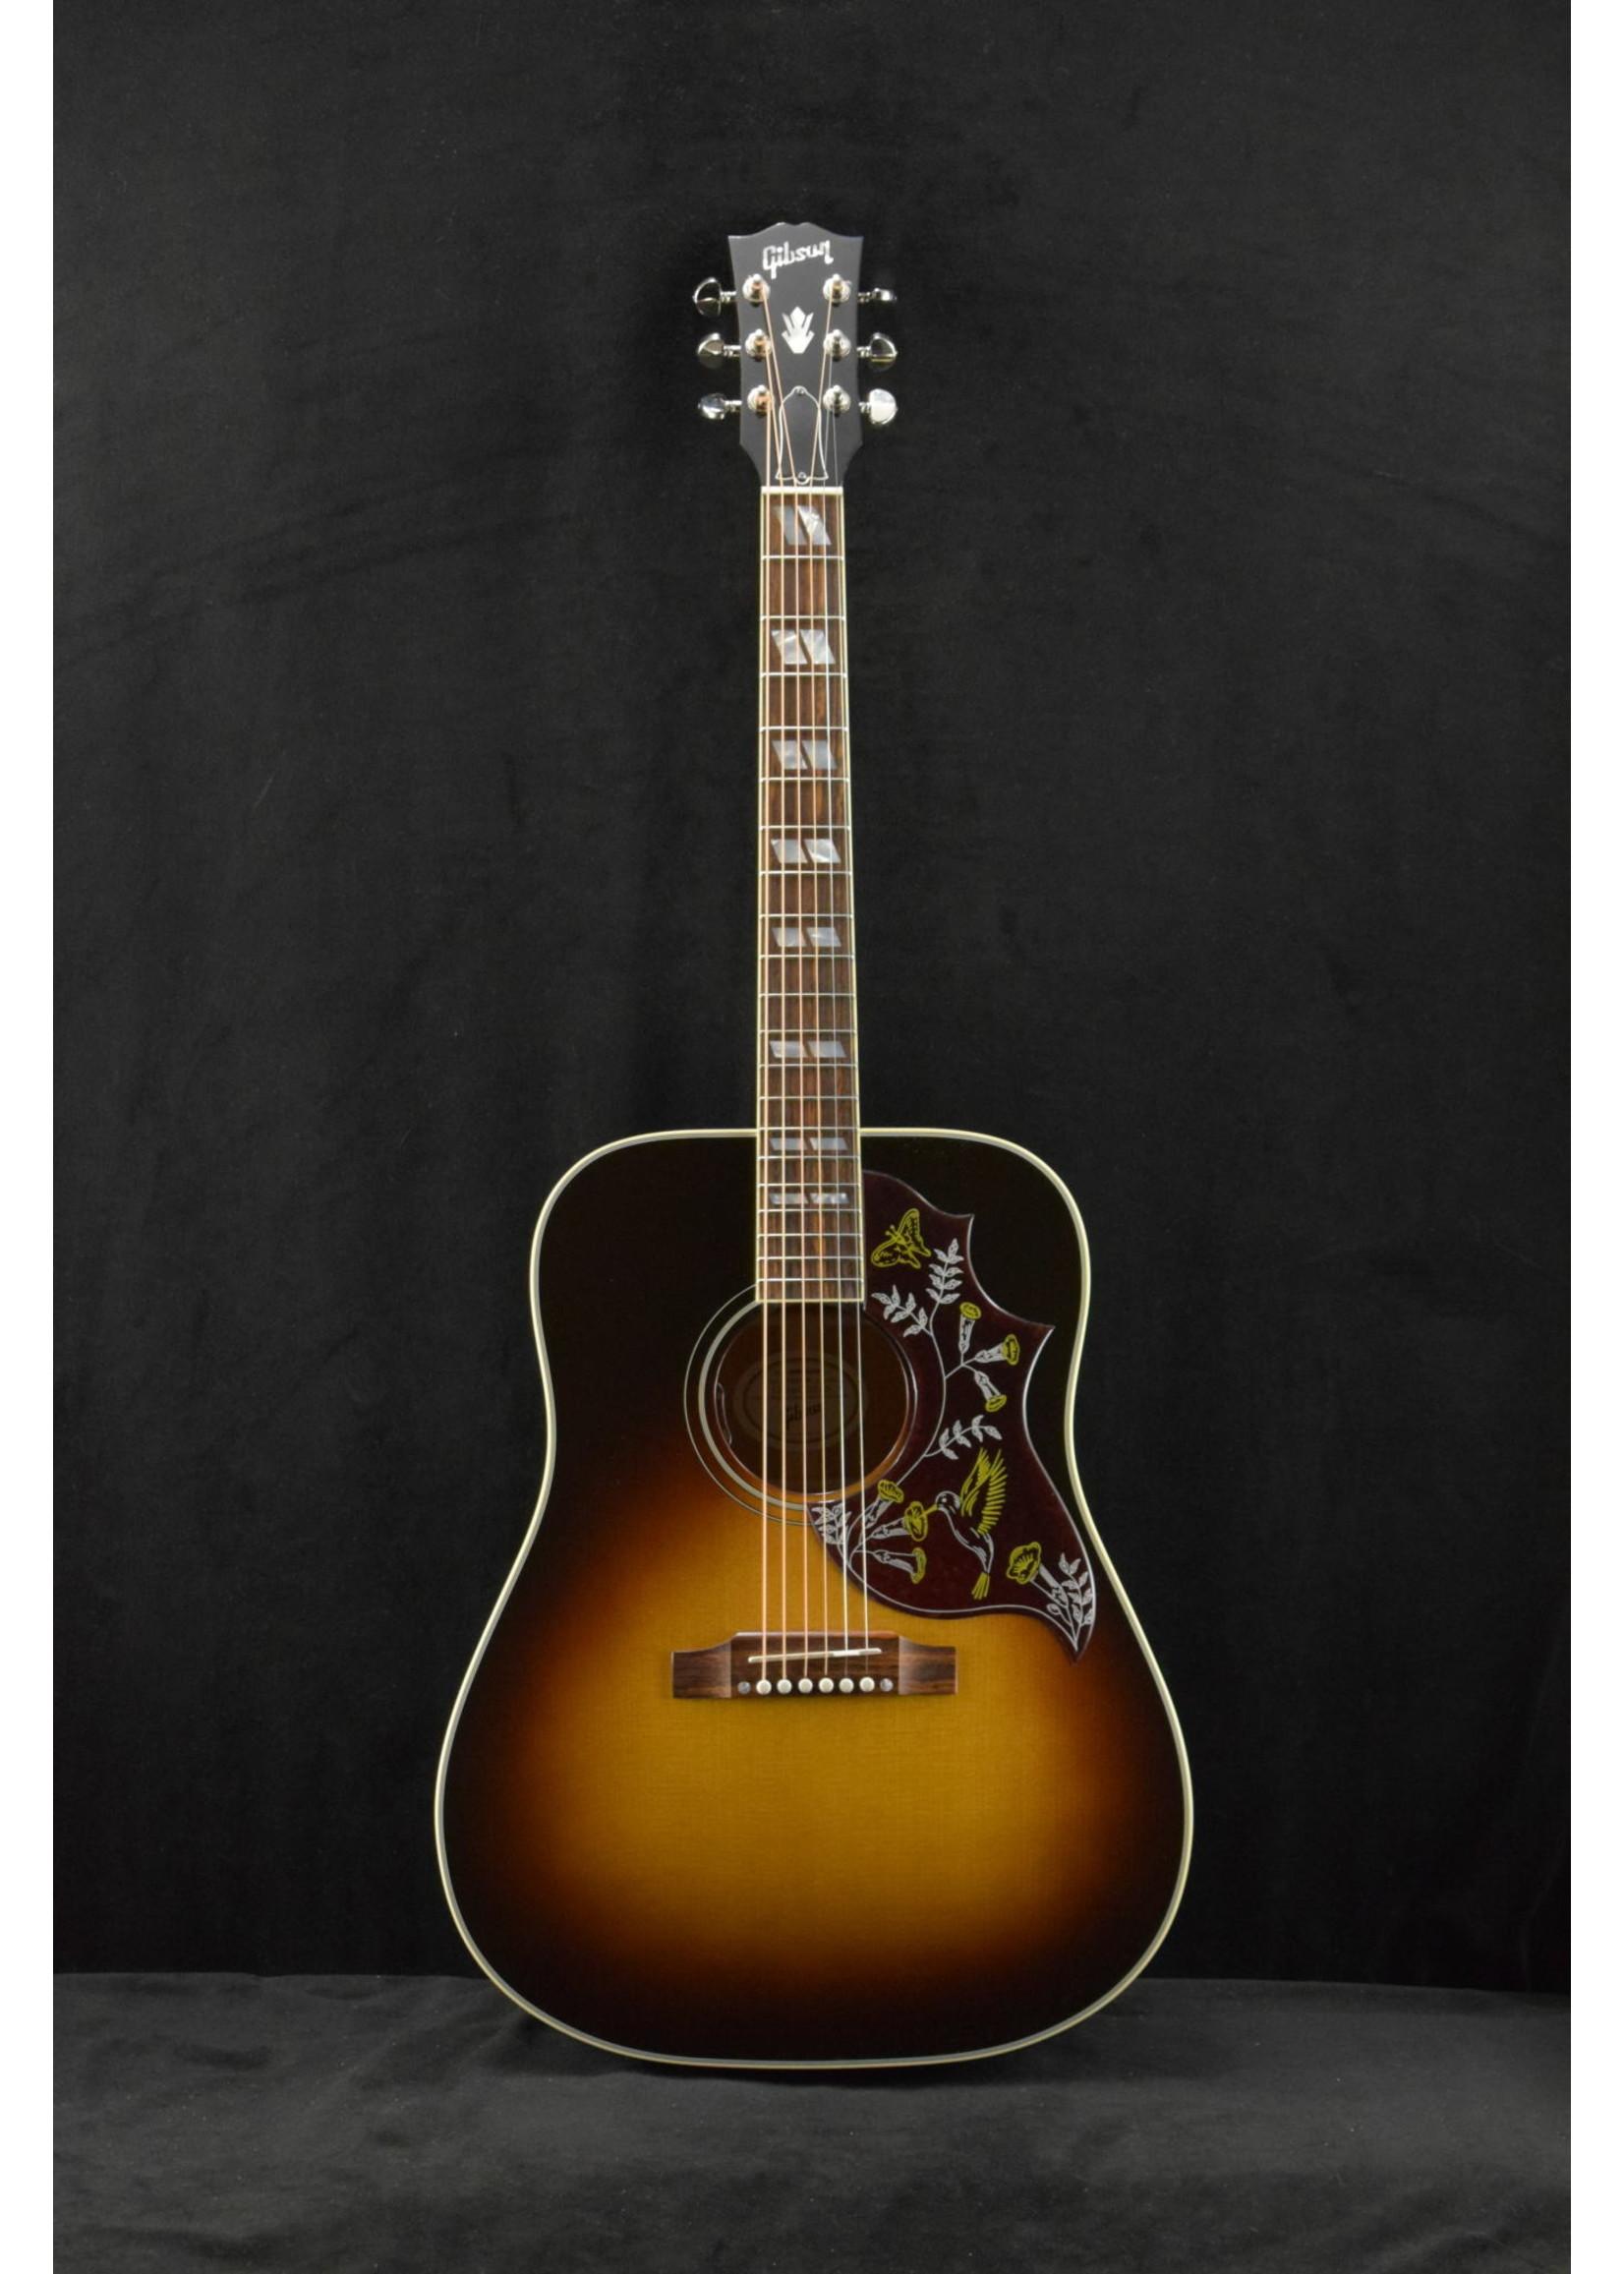 Gibson Gibson Hummingbird Standard Vintage Sunburst